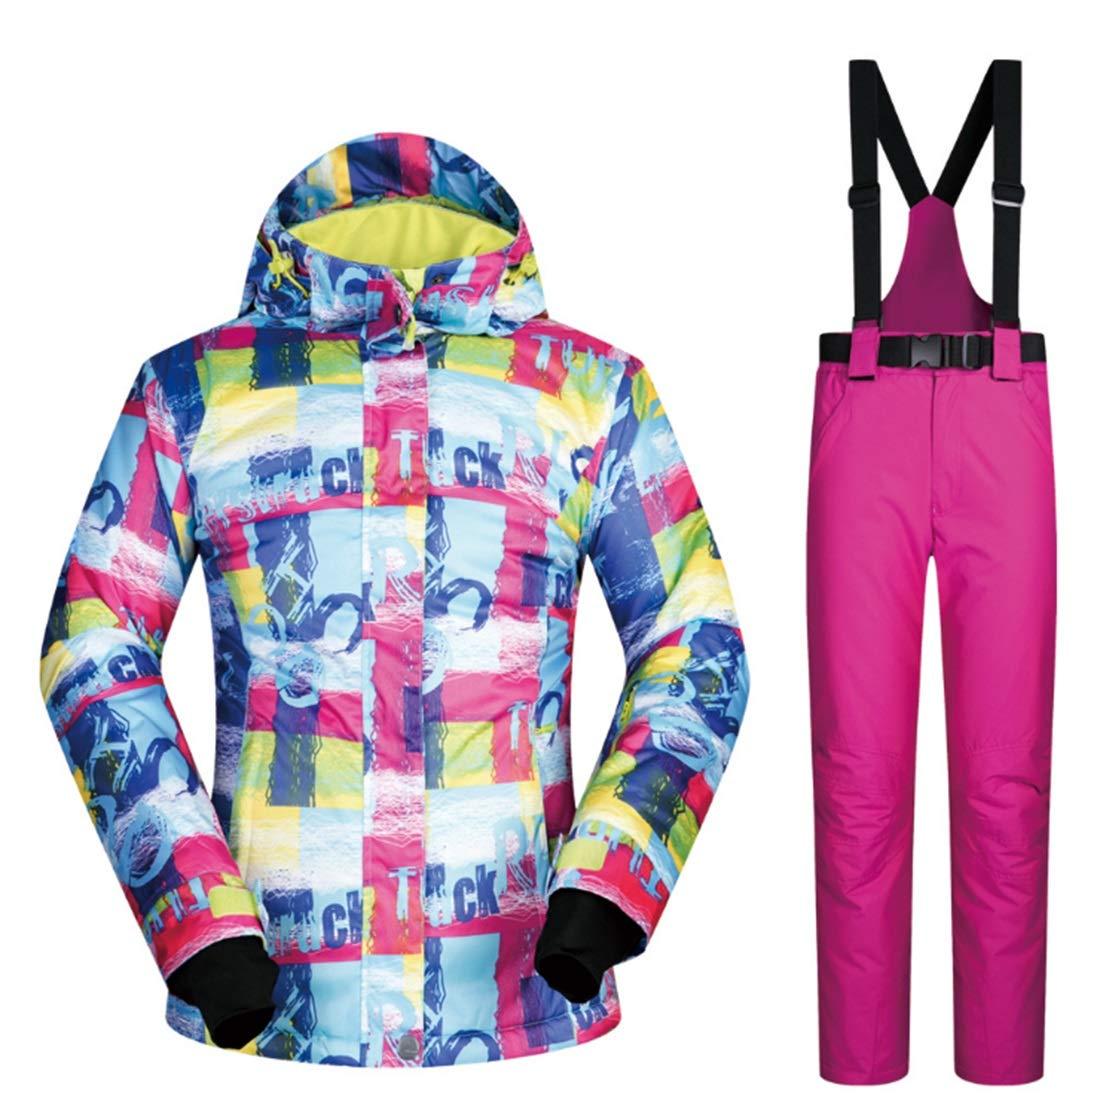 Shiduoli Giacca da da da Sci da Donna Impermeabile da Snowboard Antivento per l'escursionismo all'aperto (Coloree   09, Dimensione   XL)B07MJ4GNH2S 06 | Prima i consumatori  | Qualità Affidabile  | Negozio famoso  | Grande Vendita Di Liquidazione  | Ricca c 6270b5